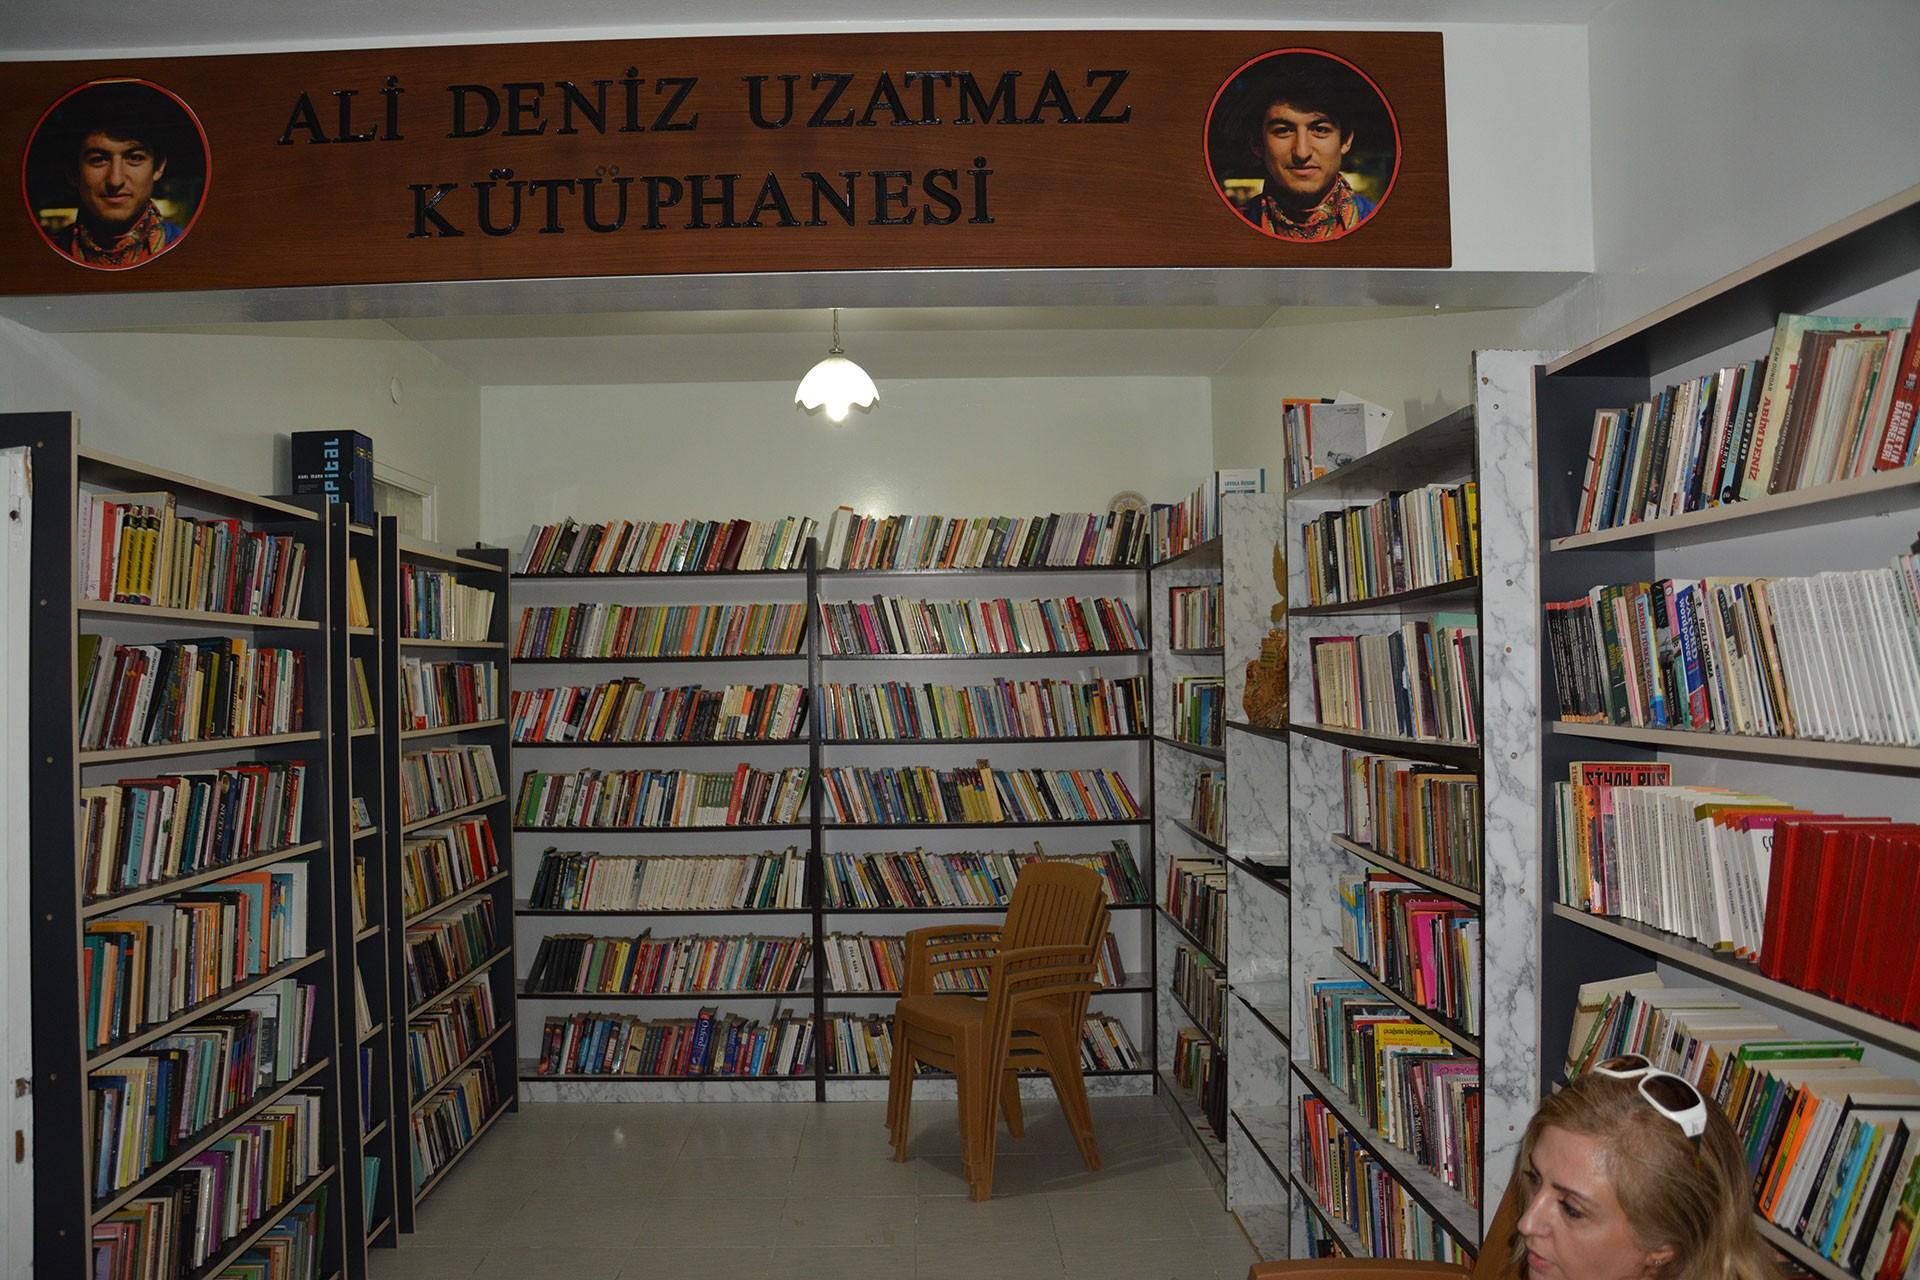 10 Ekim Katliamı'nın yıl dönümünde Antep'te Ali Deniz Uzatmaz Kütüphanesi açıldı